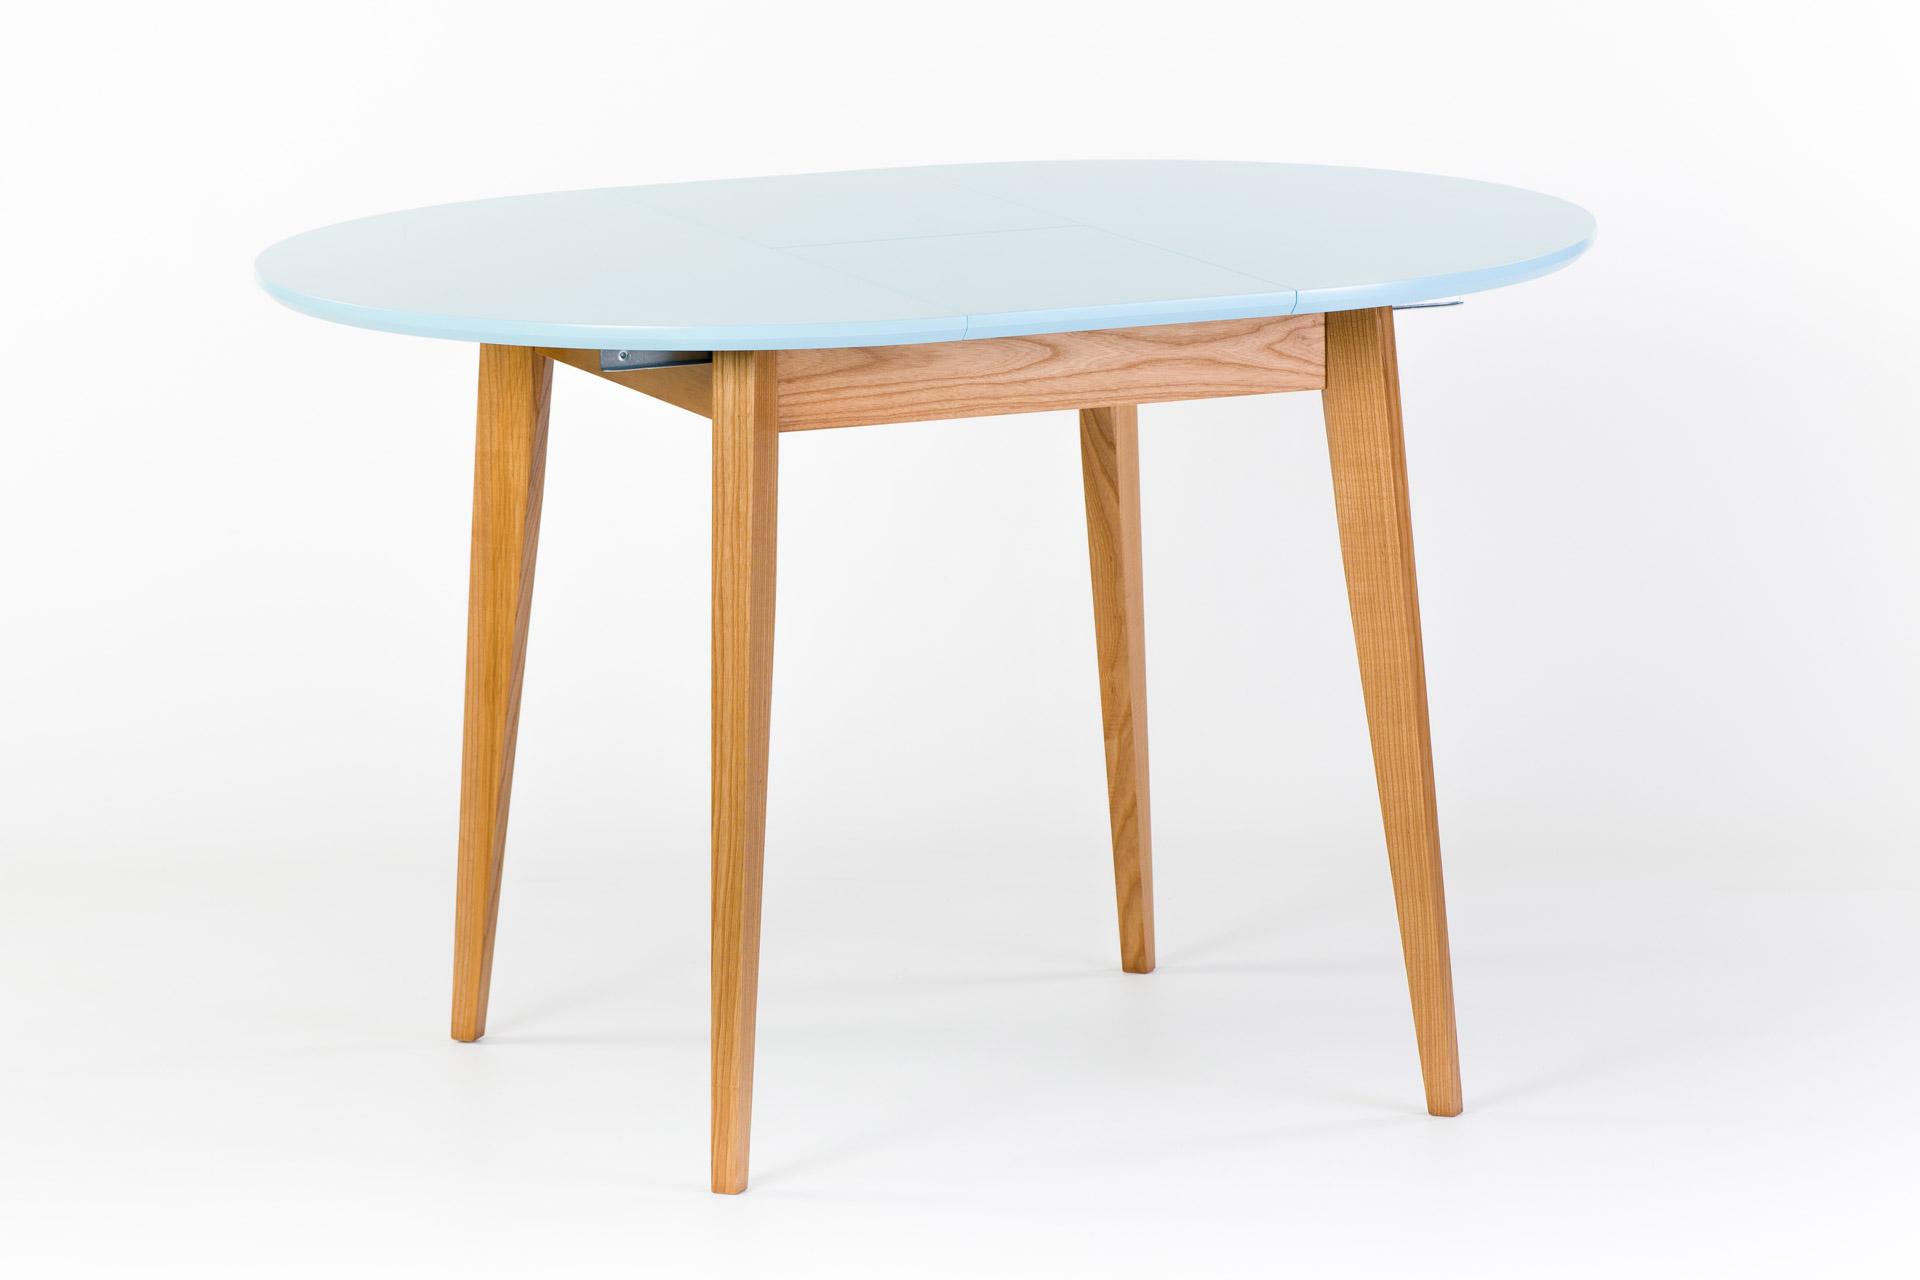 """Раскладной круглый стол """"Турин"""" - столешница покрыта голубой эмалью WCP277, ножки и царга тонированы SE-1403 - разложенный"""